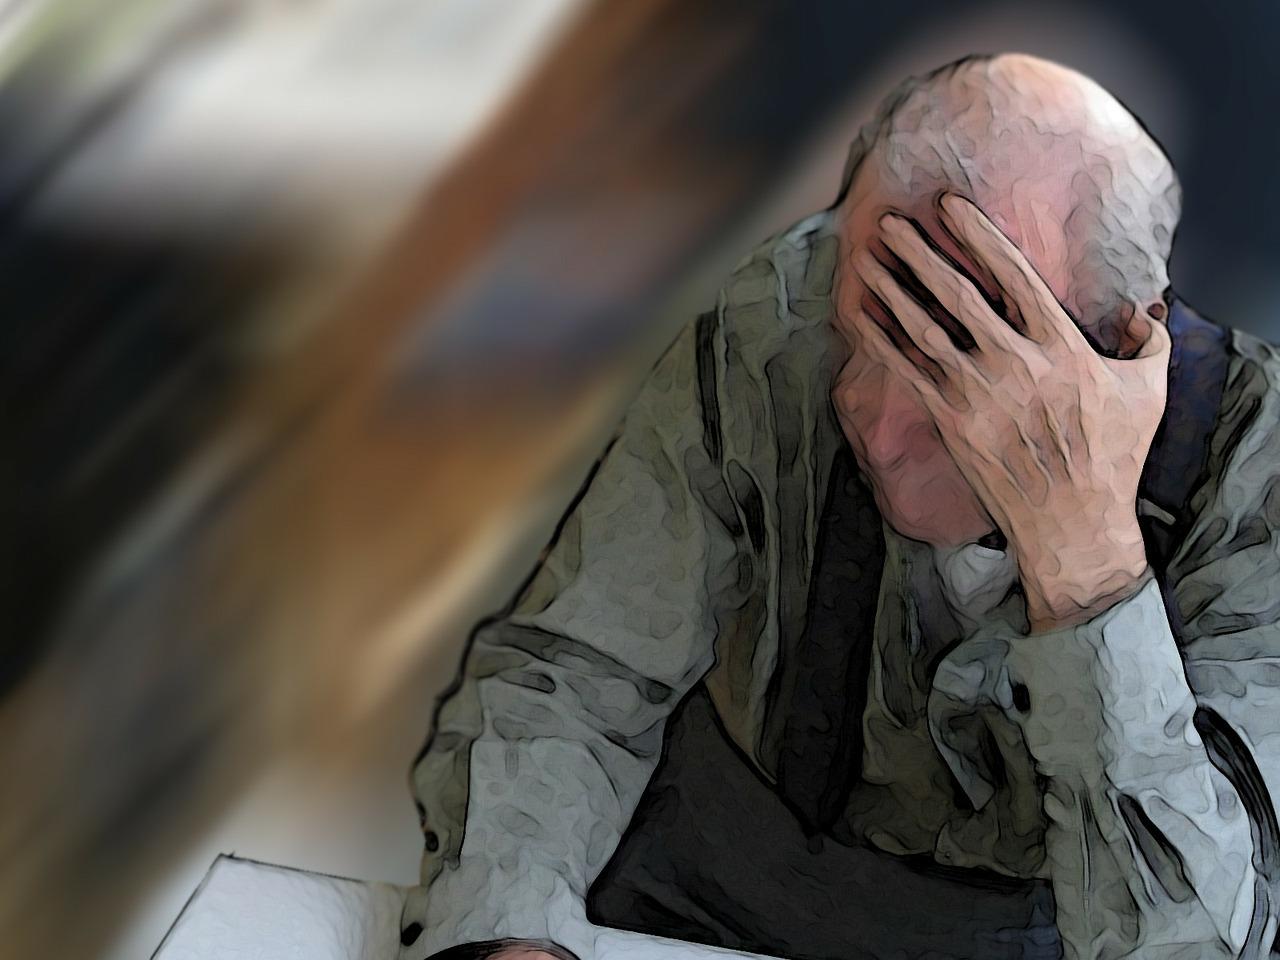 Emociones en la enfermedad de Alzheimer